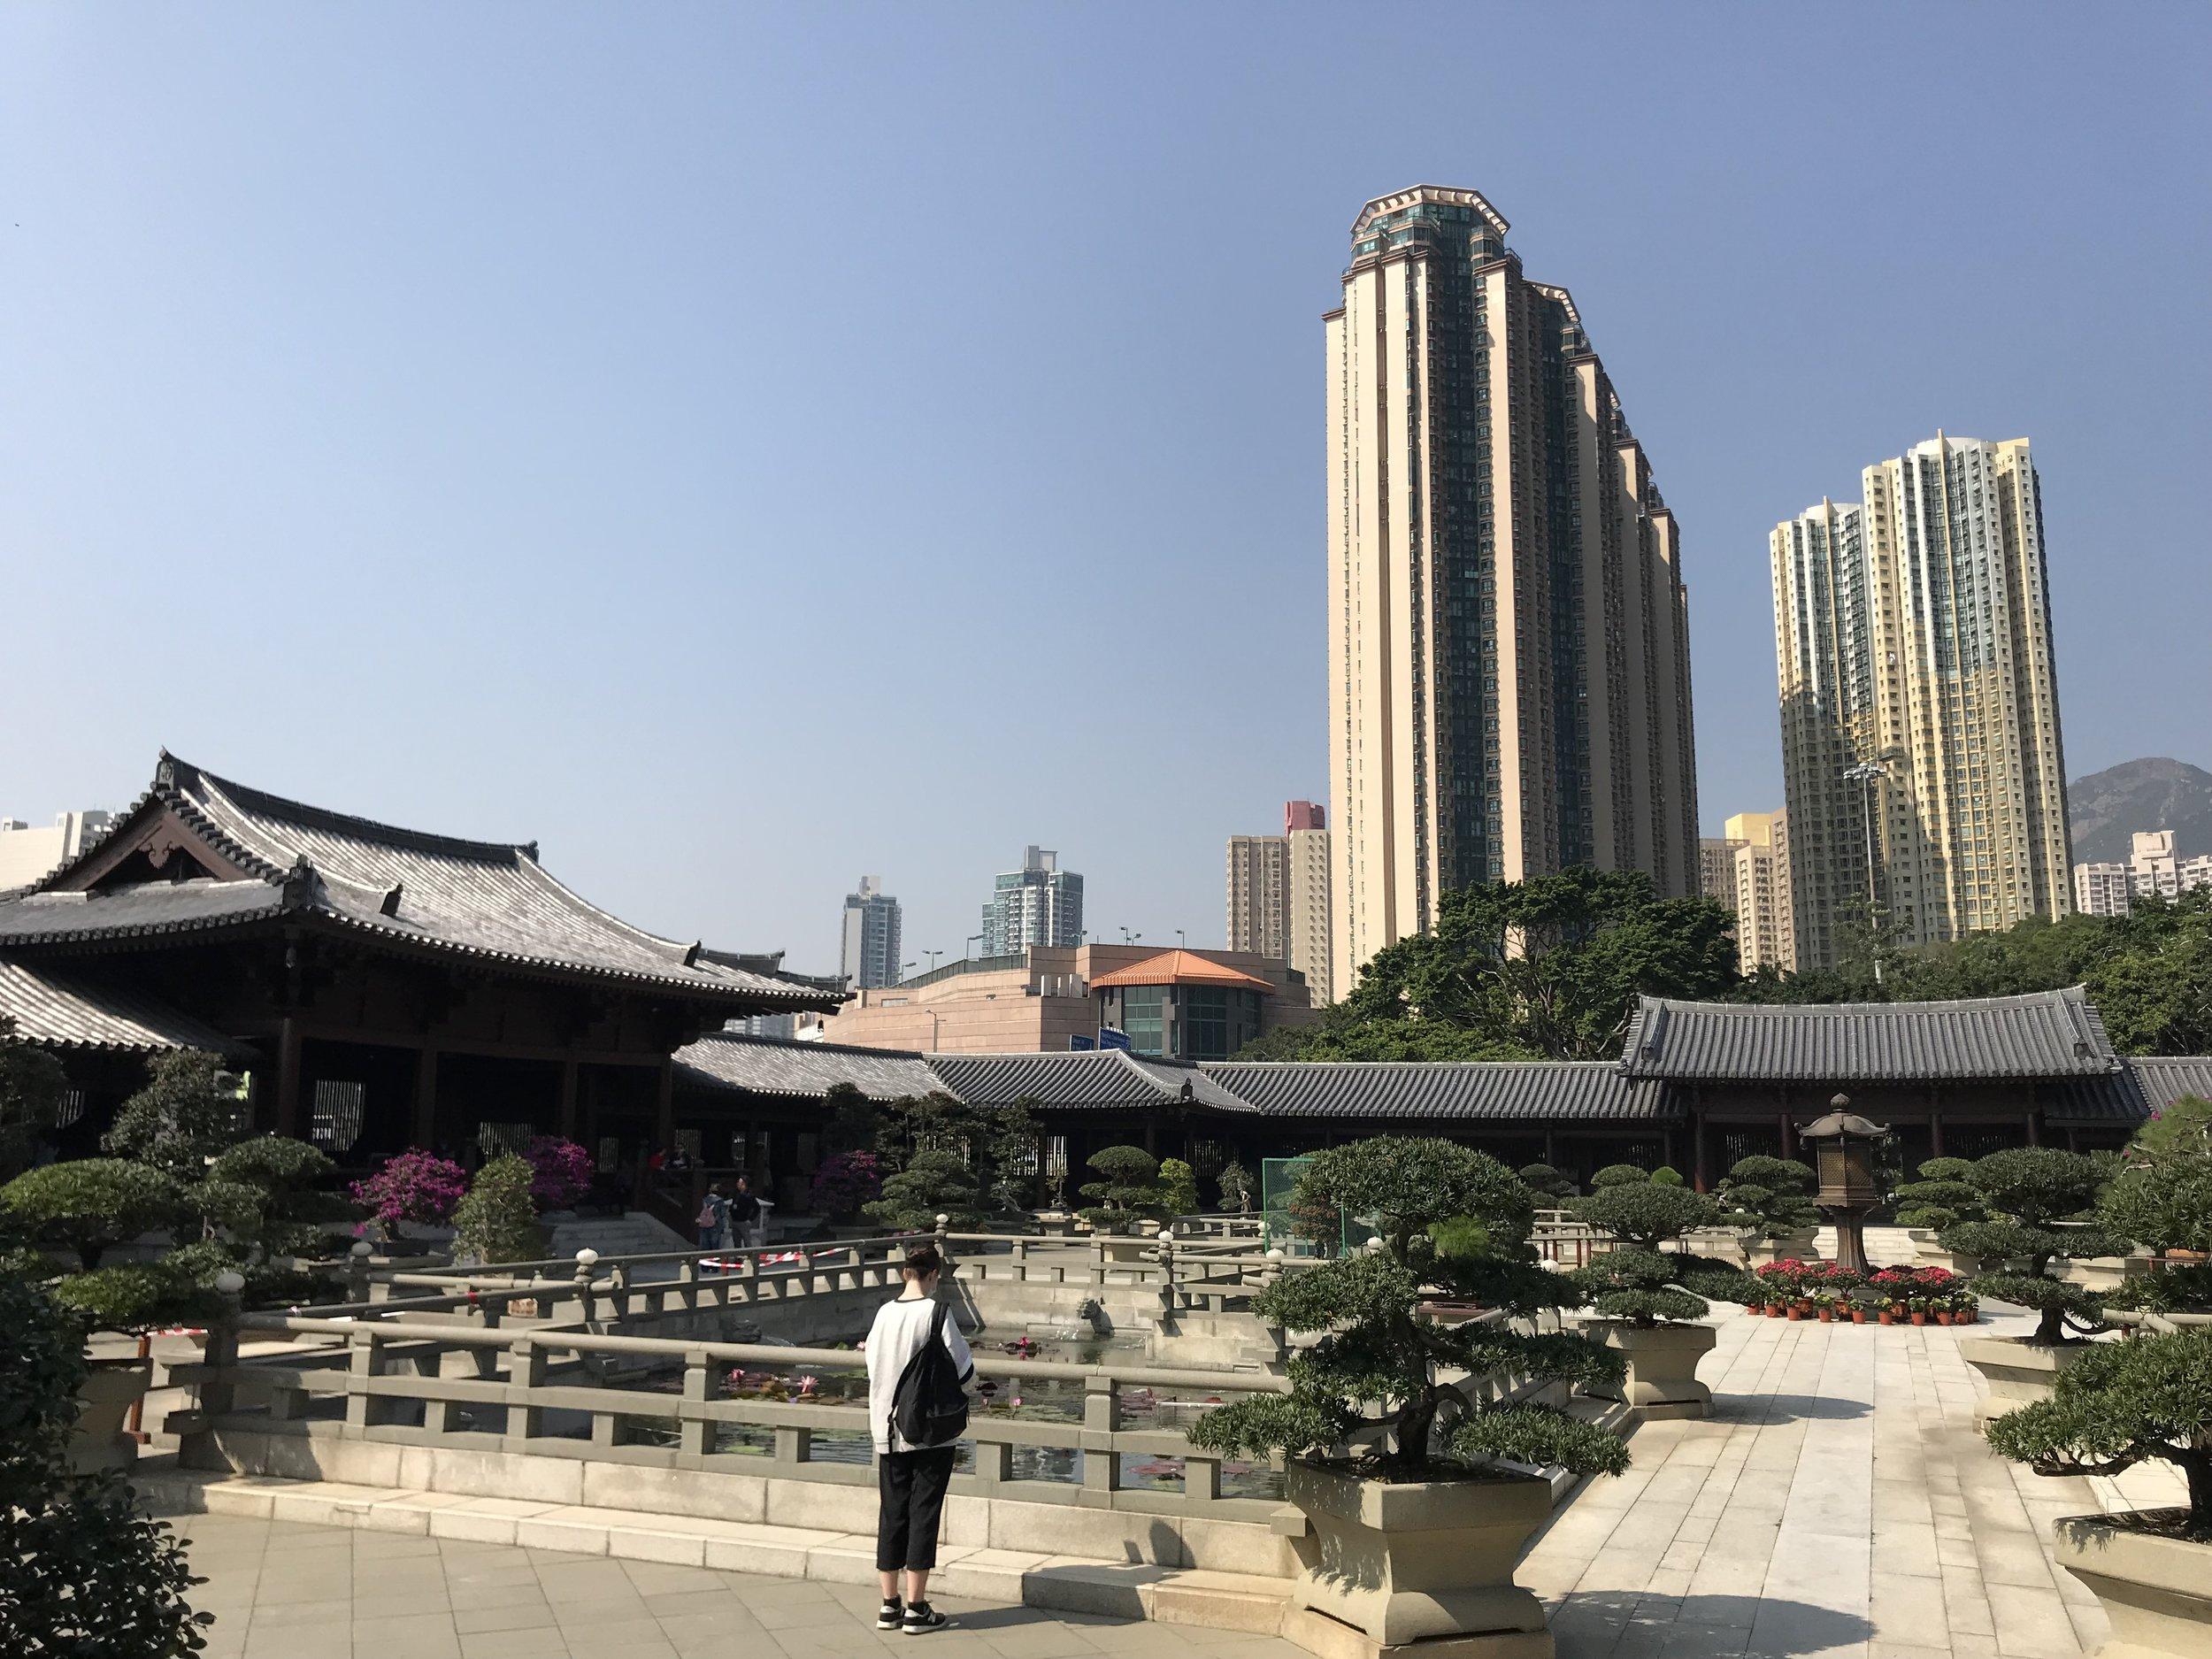 Một ngôi chùa đẹp ở Kowloon. Chùa Chi Lin.